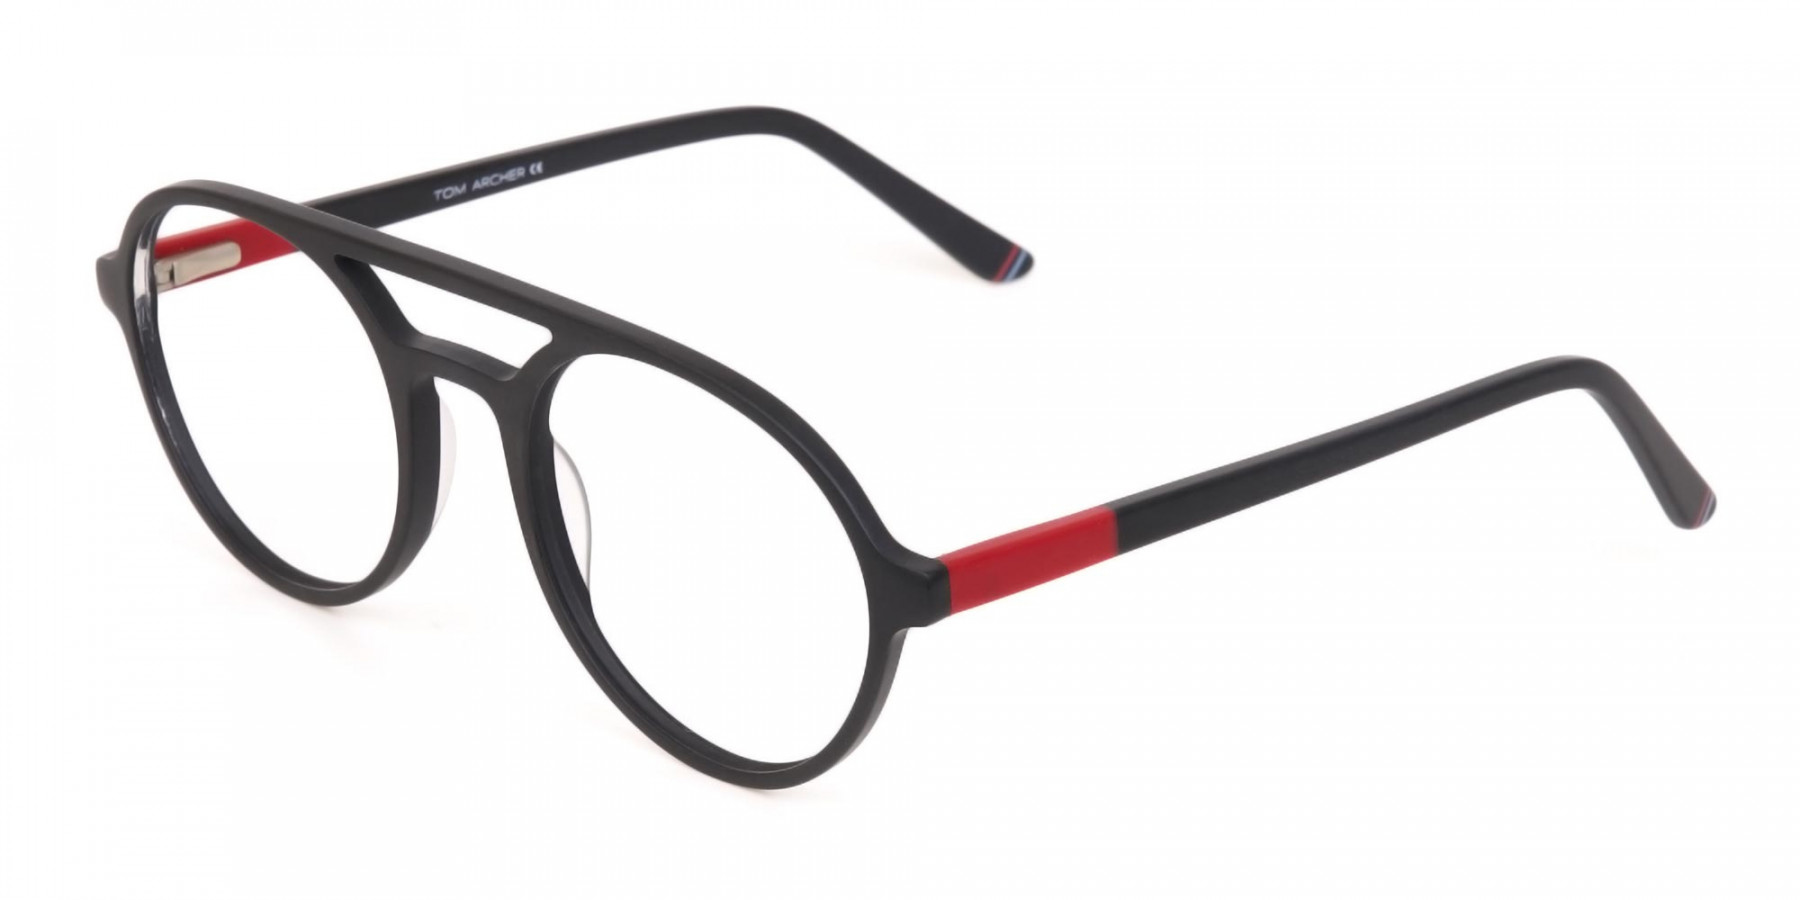 Matte Black & Red Double Bridge Glasses Frame Unisex-1